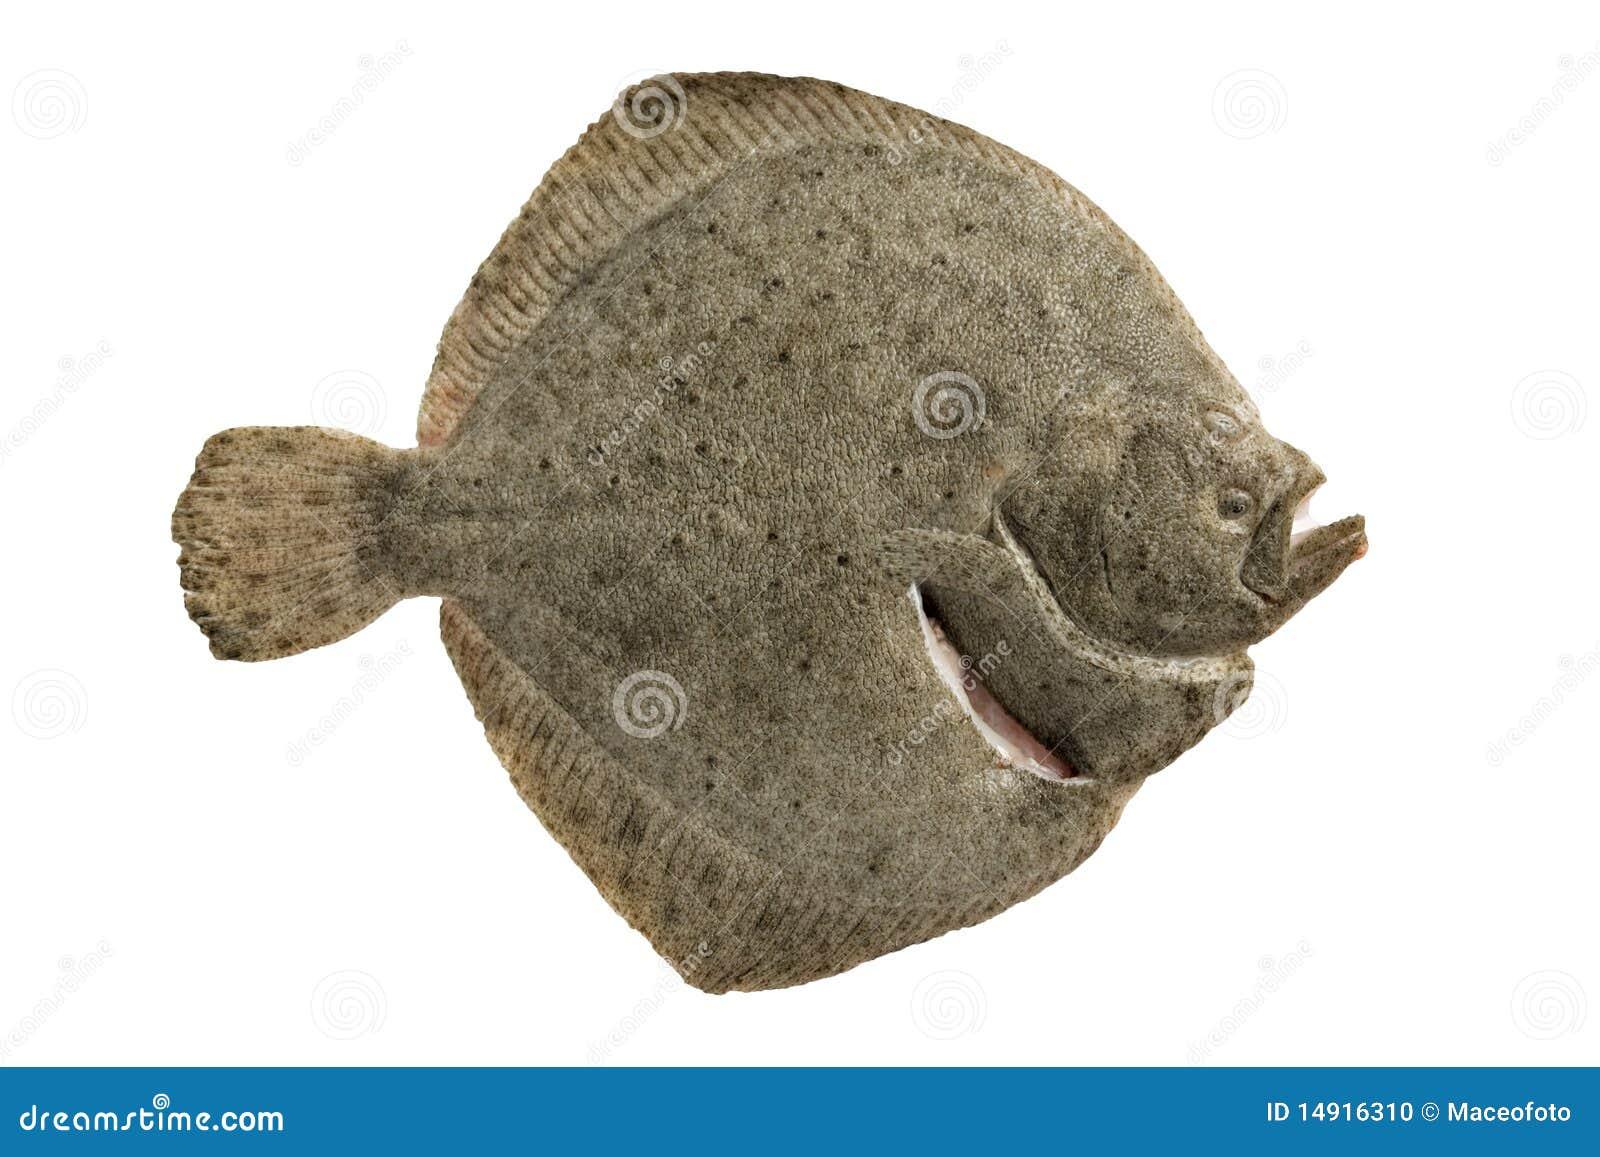 Pesci Piatti Fotografia Stock Immagine Di Sano Flatfish 14916310